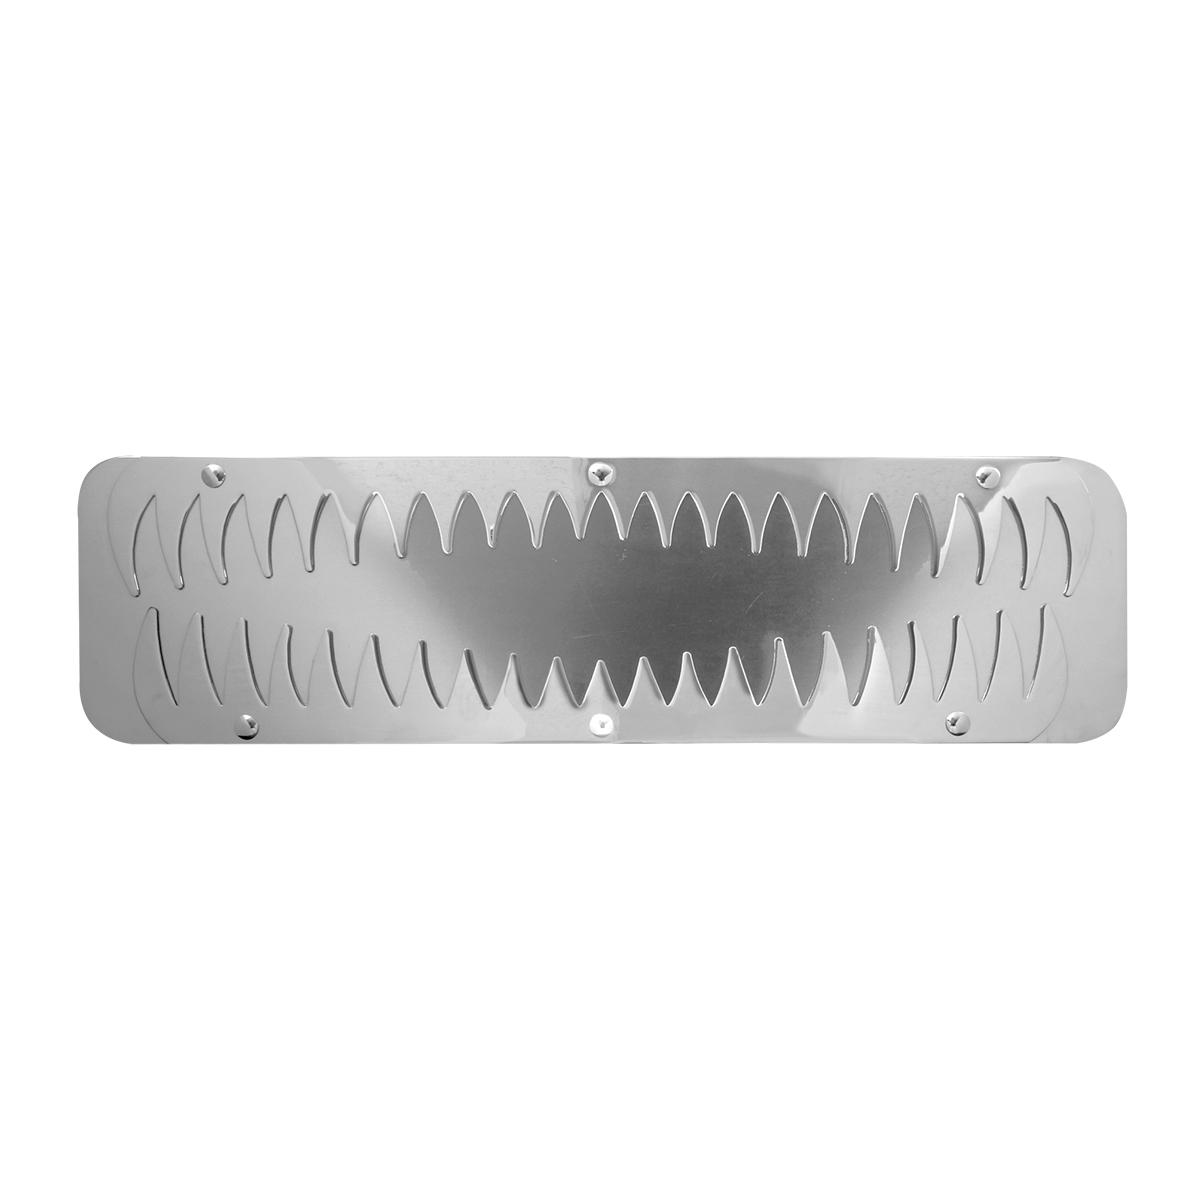 Shark Teeth Bottom Mud Flap Plate